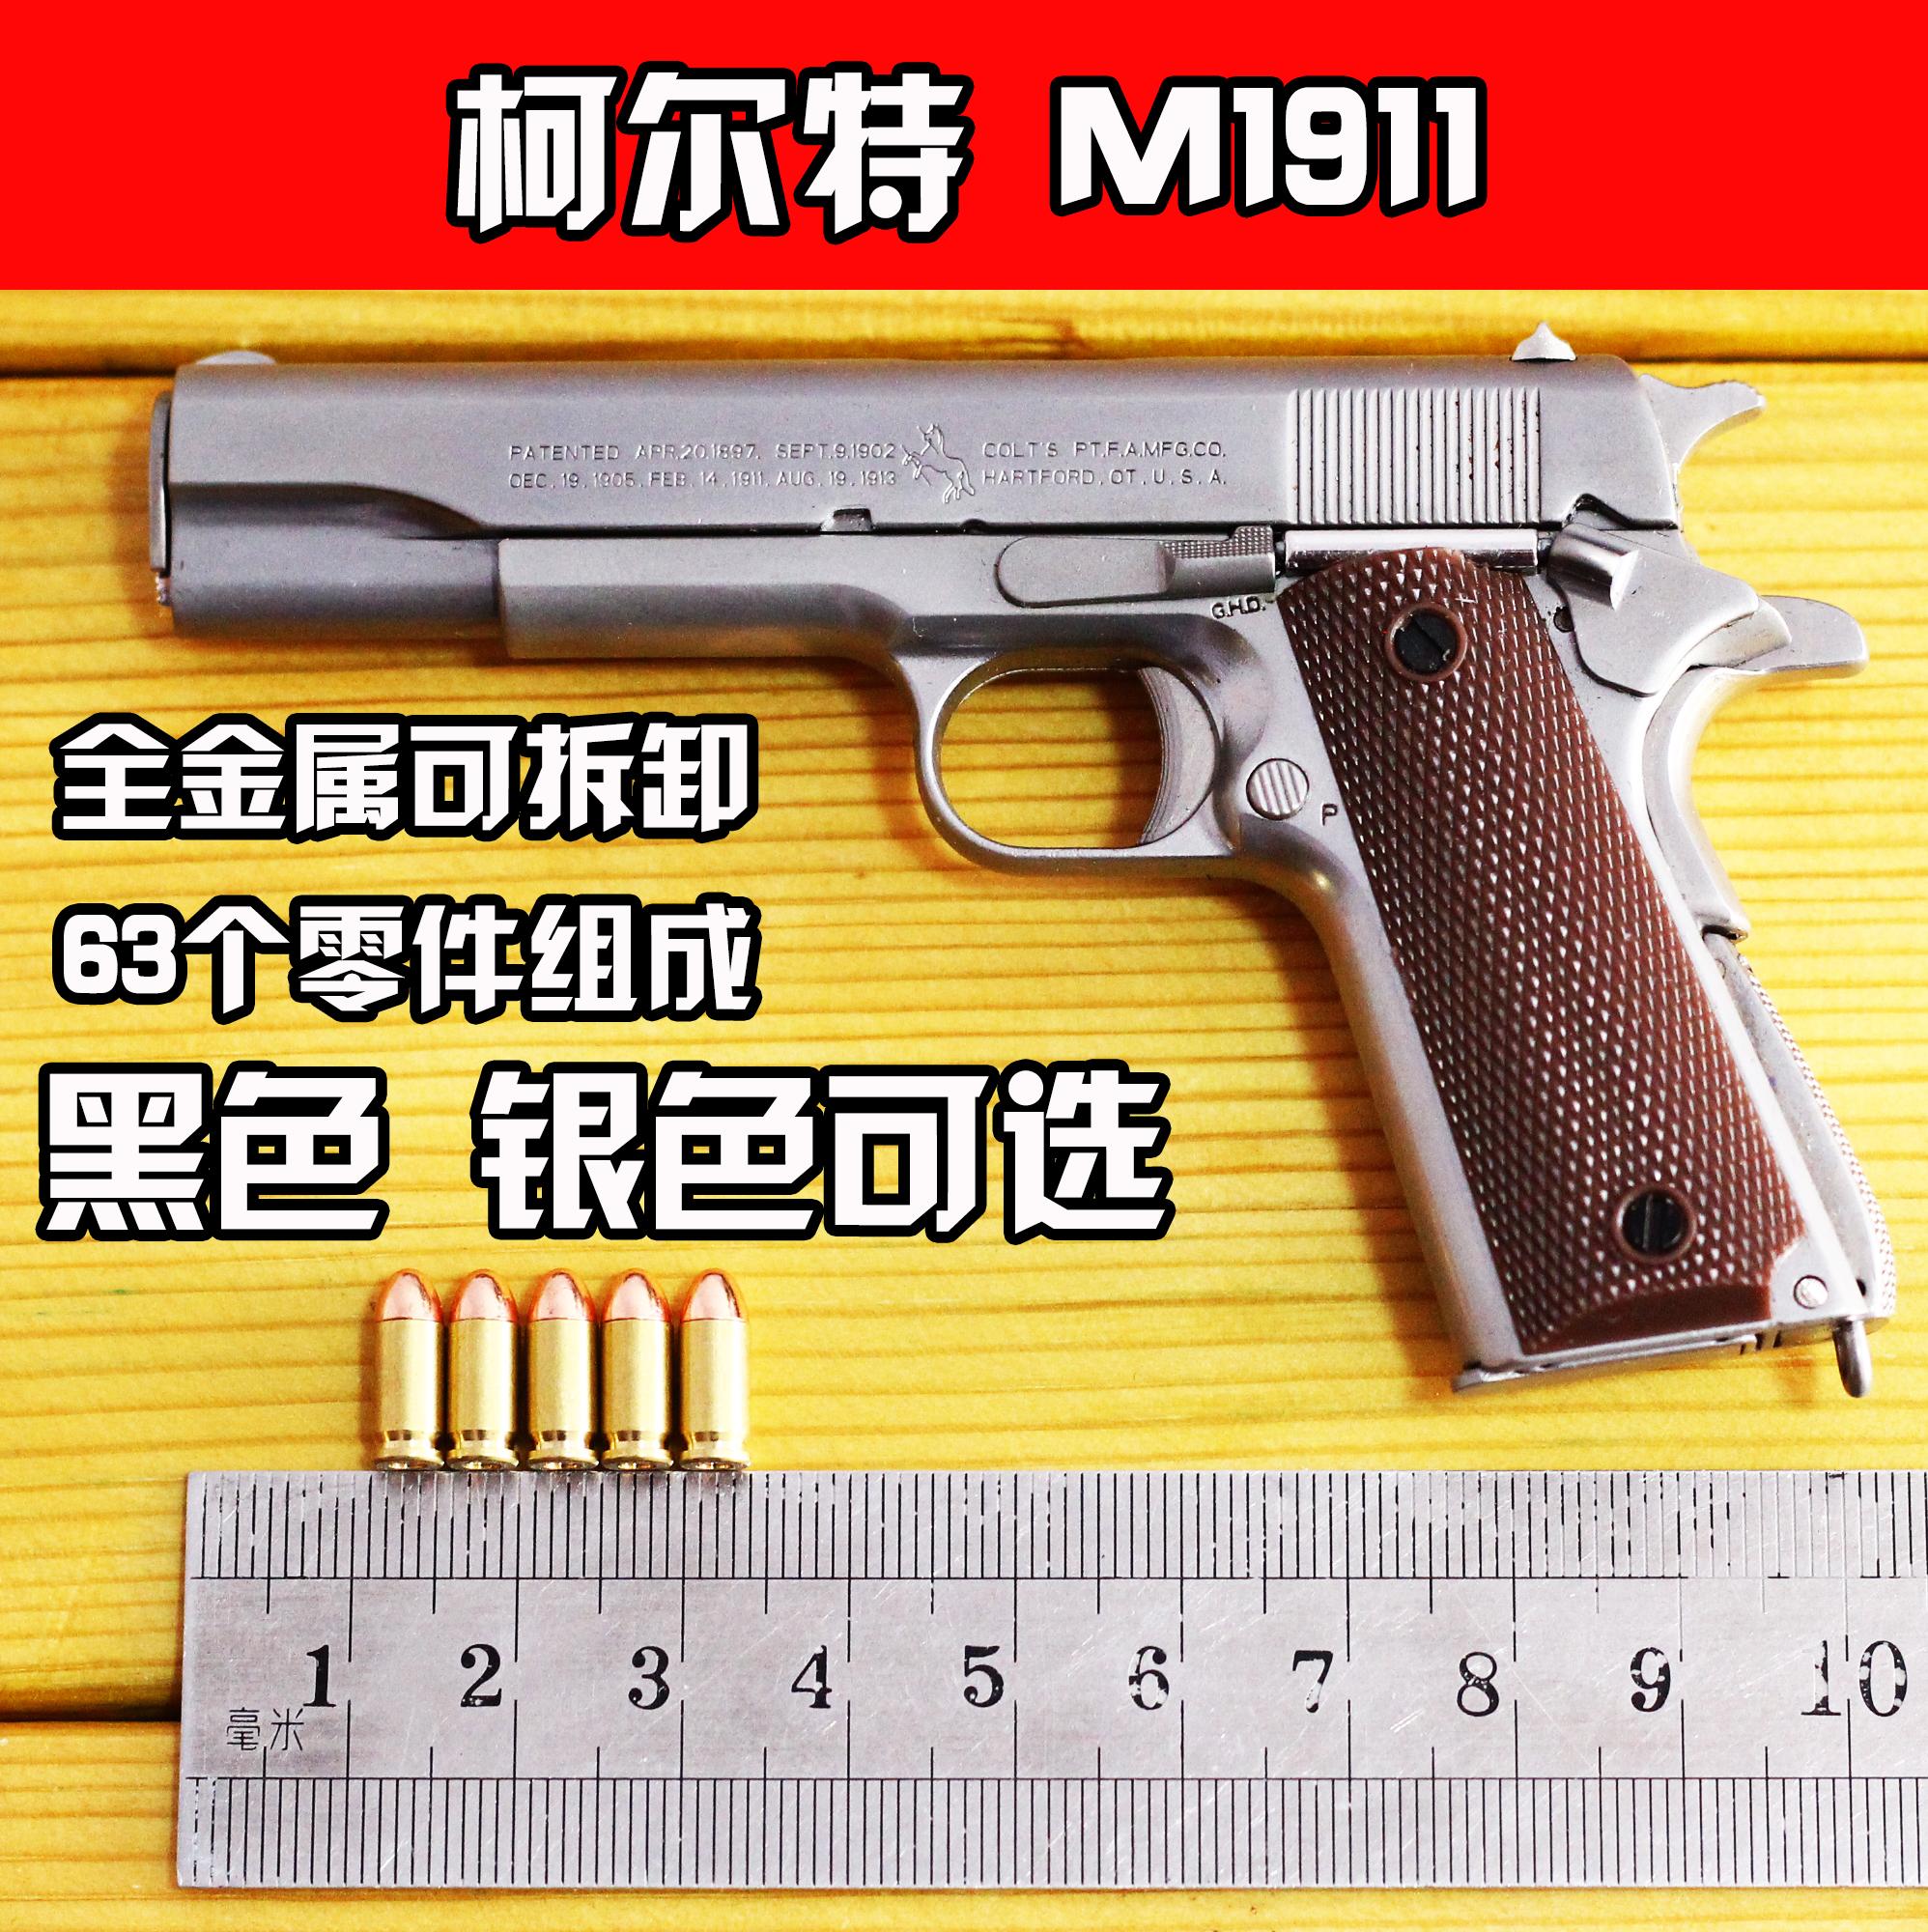 โคลท์M1911 1:2.05โลหะ ถอดชิ้นส่วนของเล่นแบบโยนด้วยมือปืนอัลลอยแบบไม่สามารถเปิดตัวได้